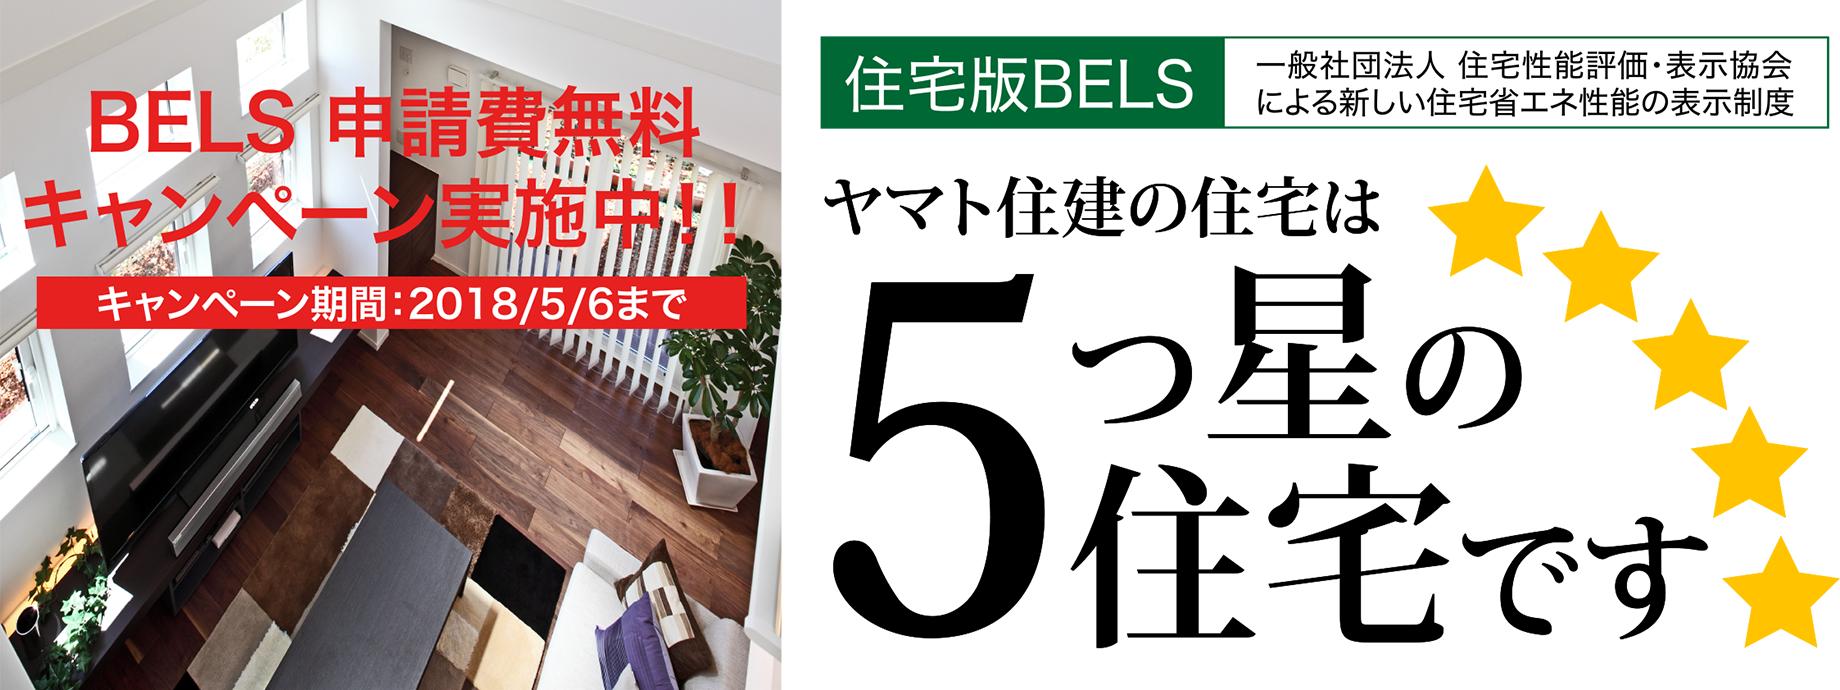 LBELS 申請費無料キャンペーン実施中!!キャンペーン期間:2018/5/6まで